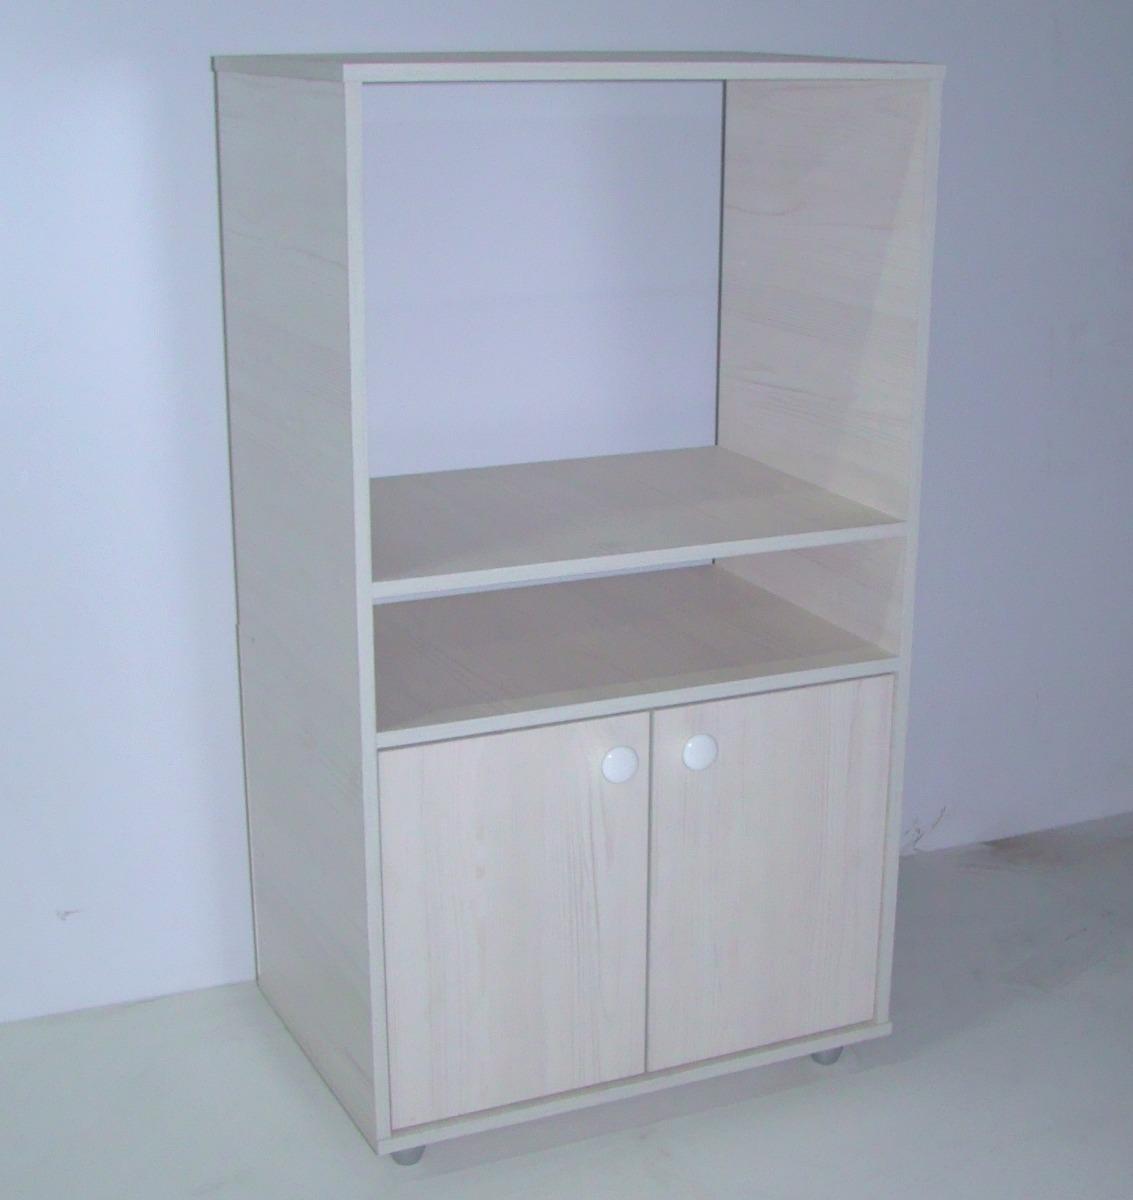 Mueble Cocina Microondas Horno Artico - Nor Moveis - $ 33.900 en ...